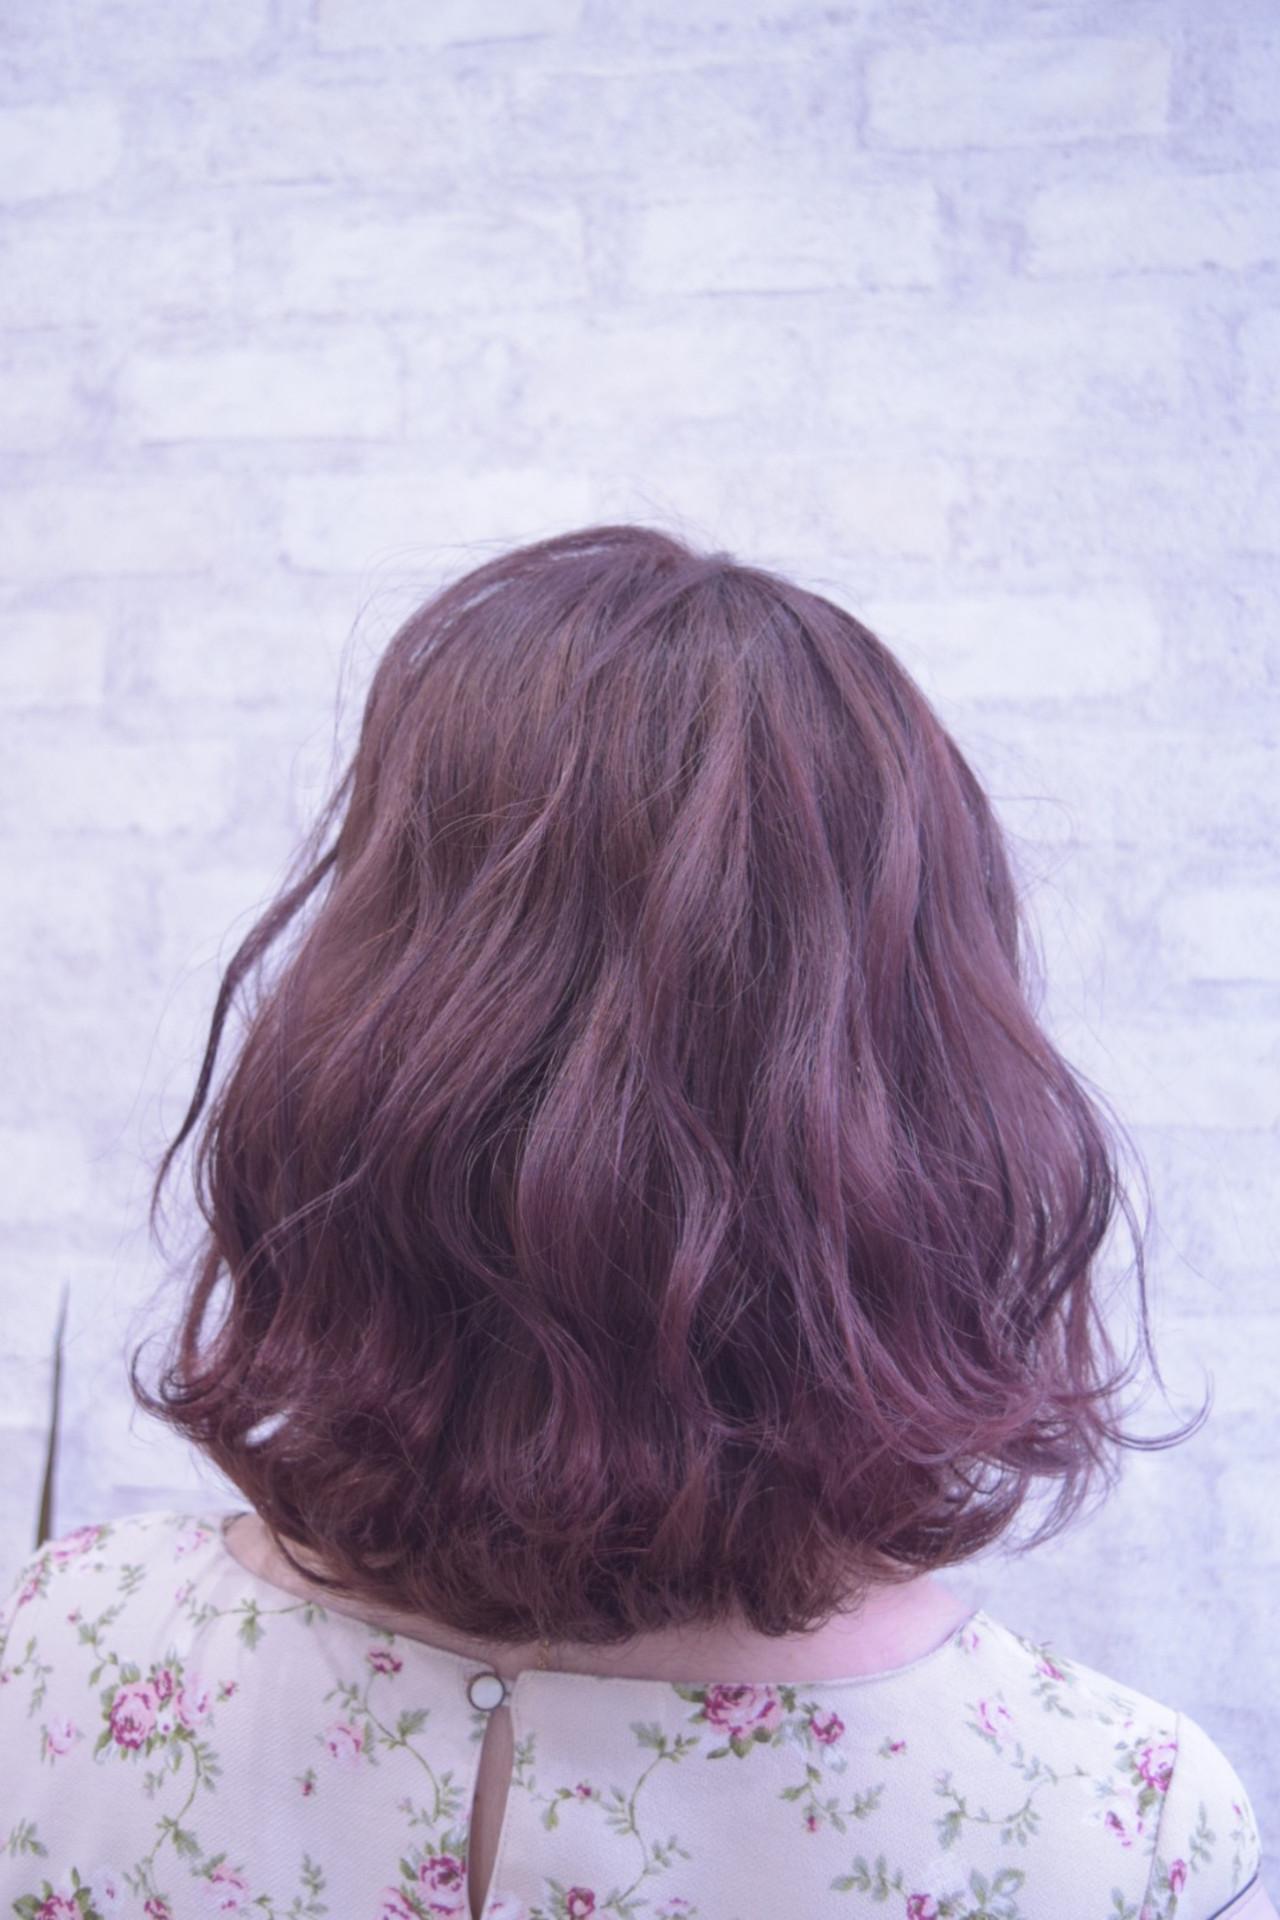 ピンクバイオレット ボブ ピンクパープル ピンク ヘアスタイルや髪型の写真・画像